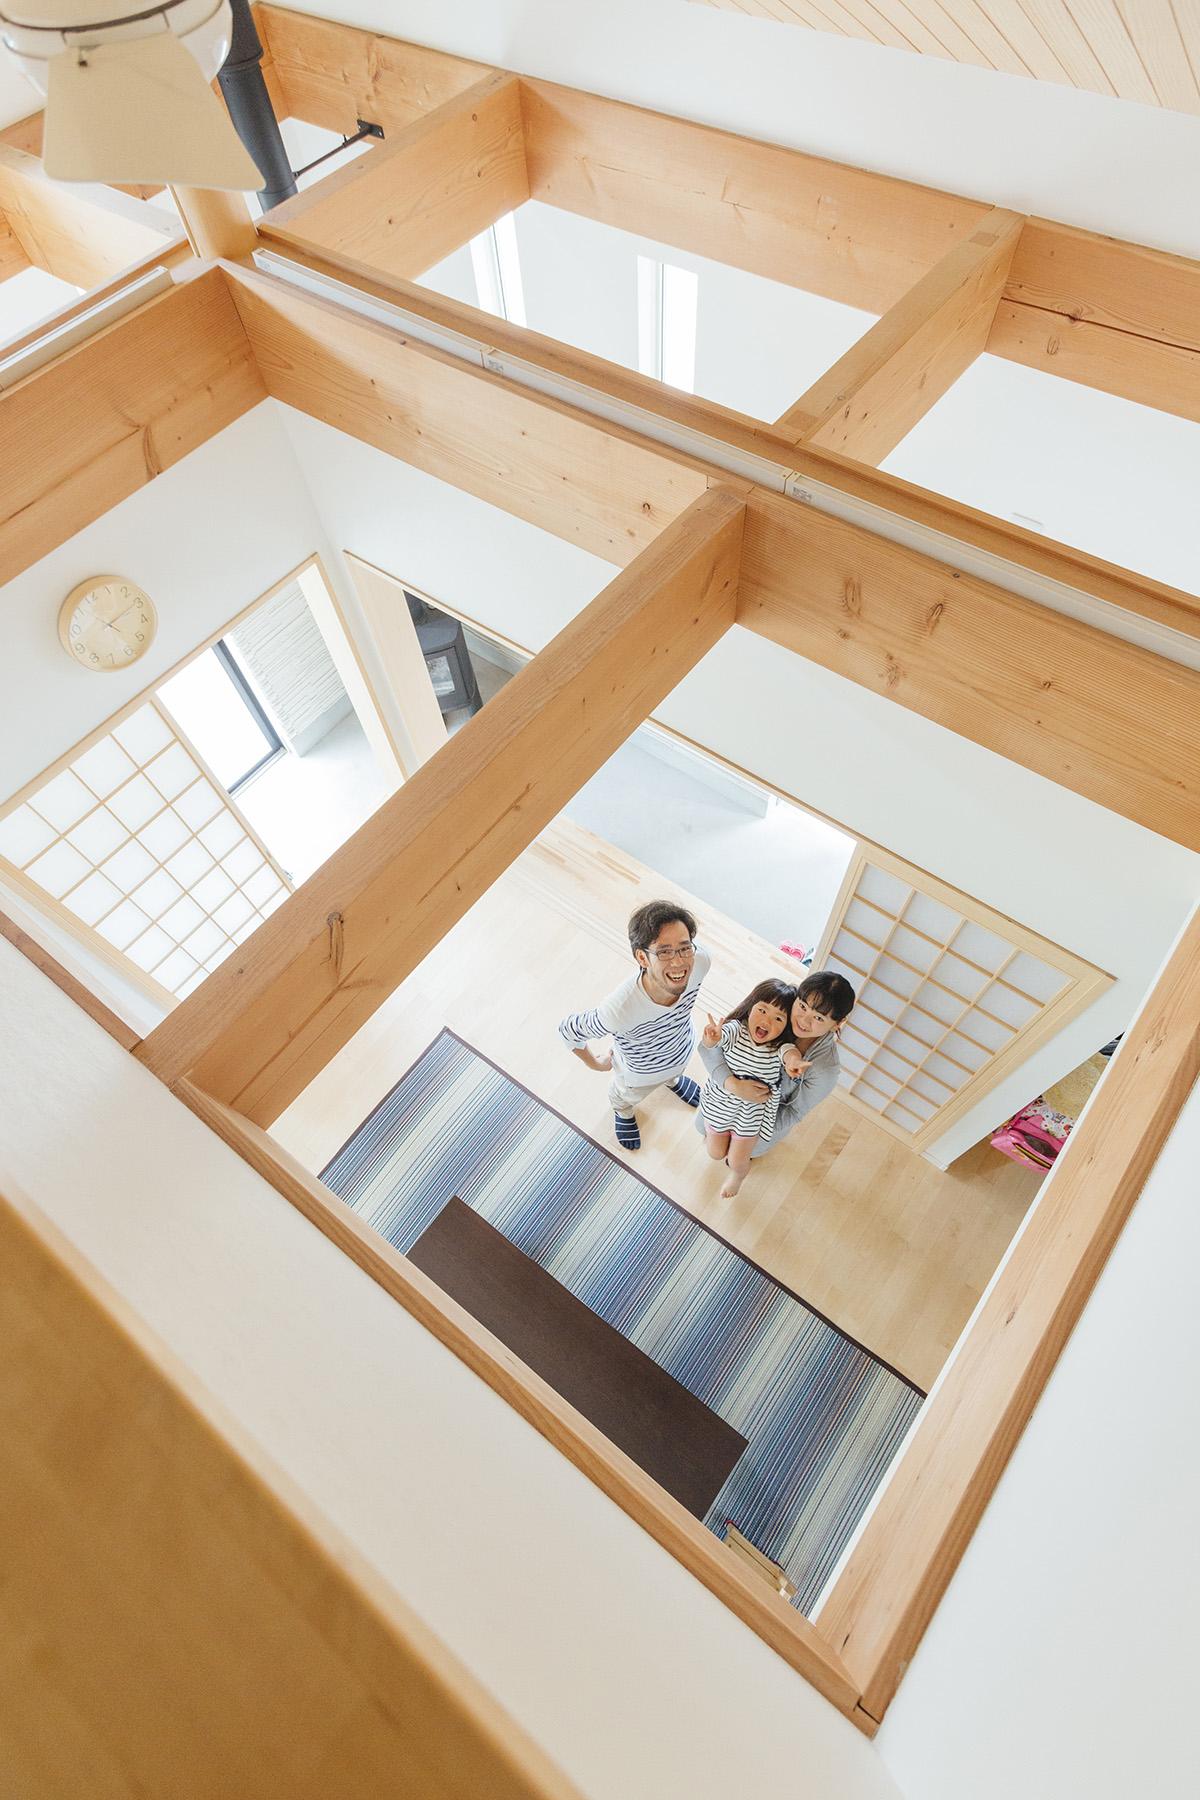 リビングの天井は吹き抜けになっており、梁の見えるモダンなデザインに仕上がっています。